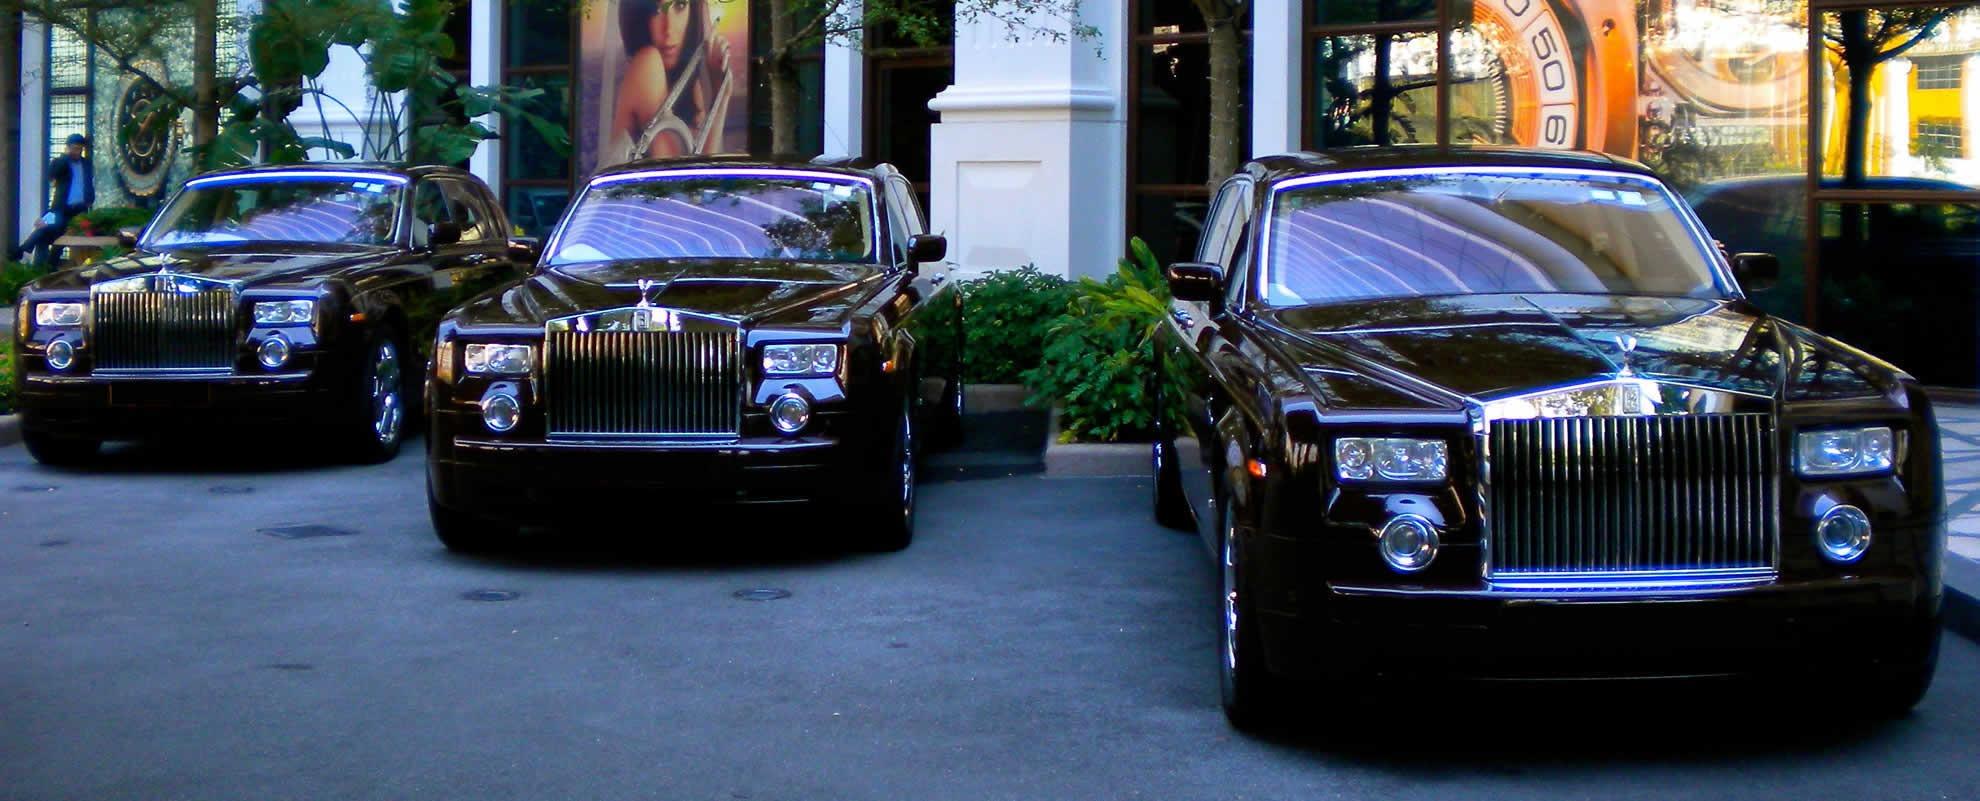 A high-profiled black Rolls Royce Phantom